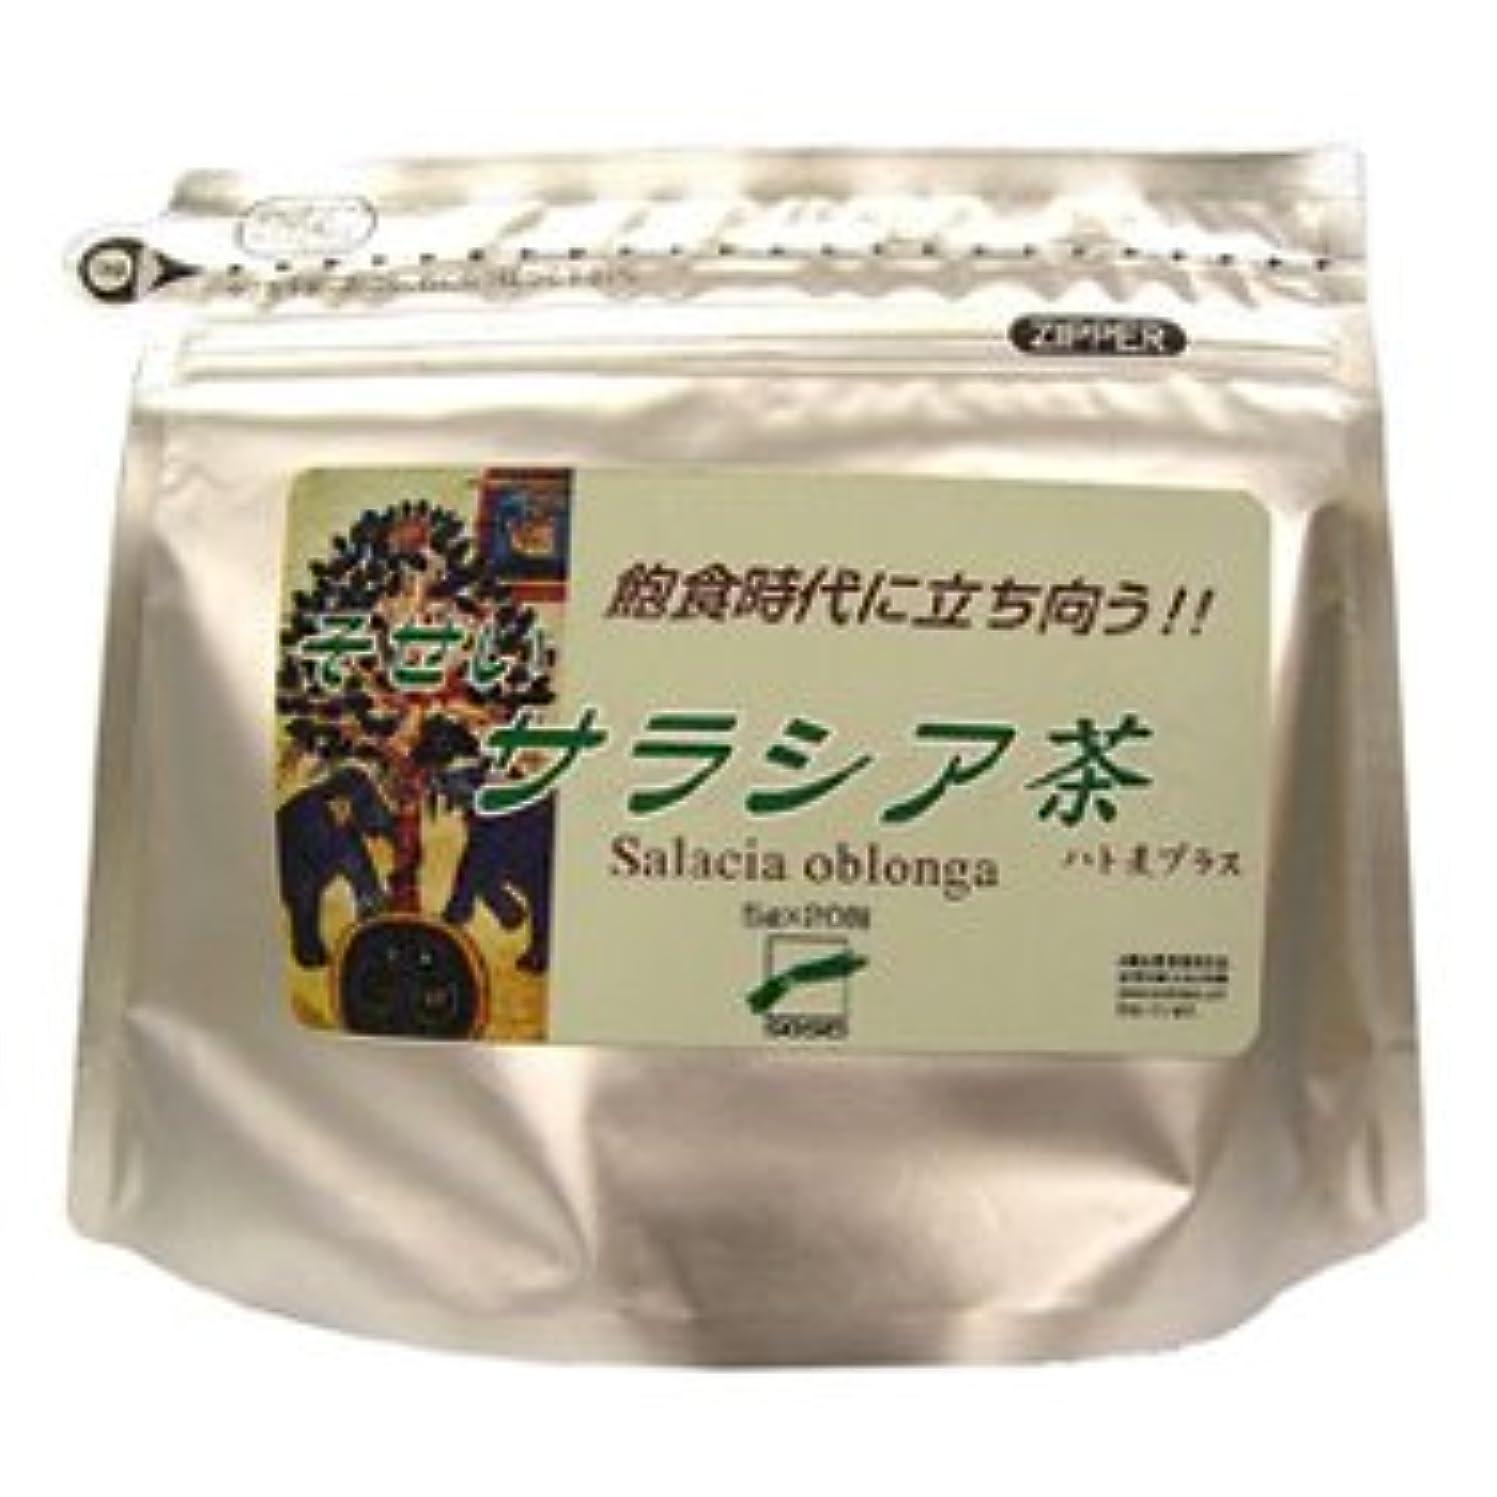 うぬぼれた唇上にそせい サラシア茶 1袋